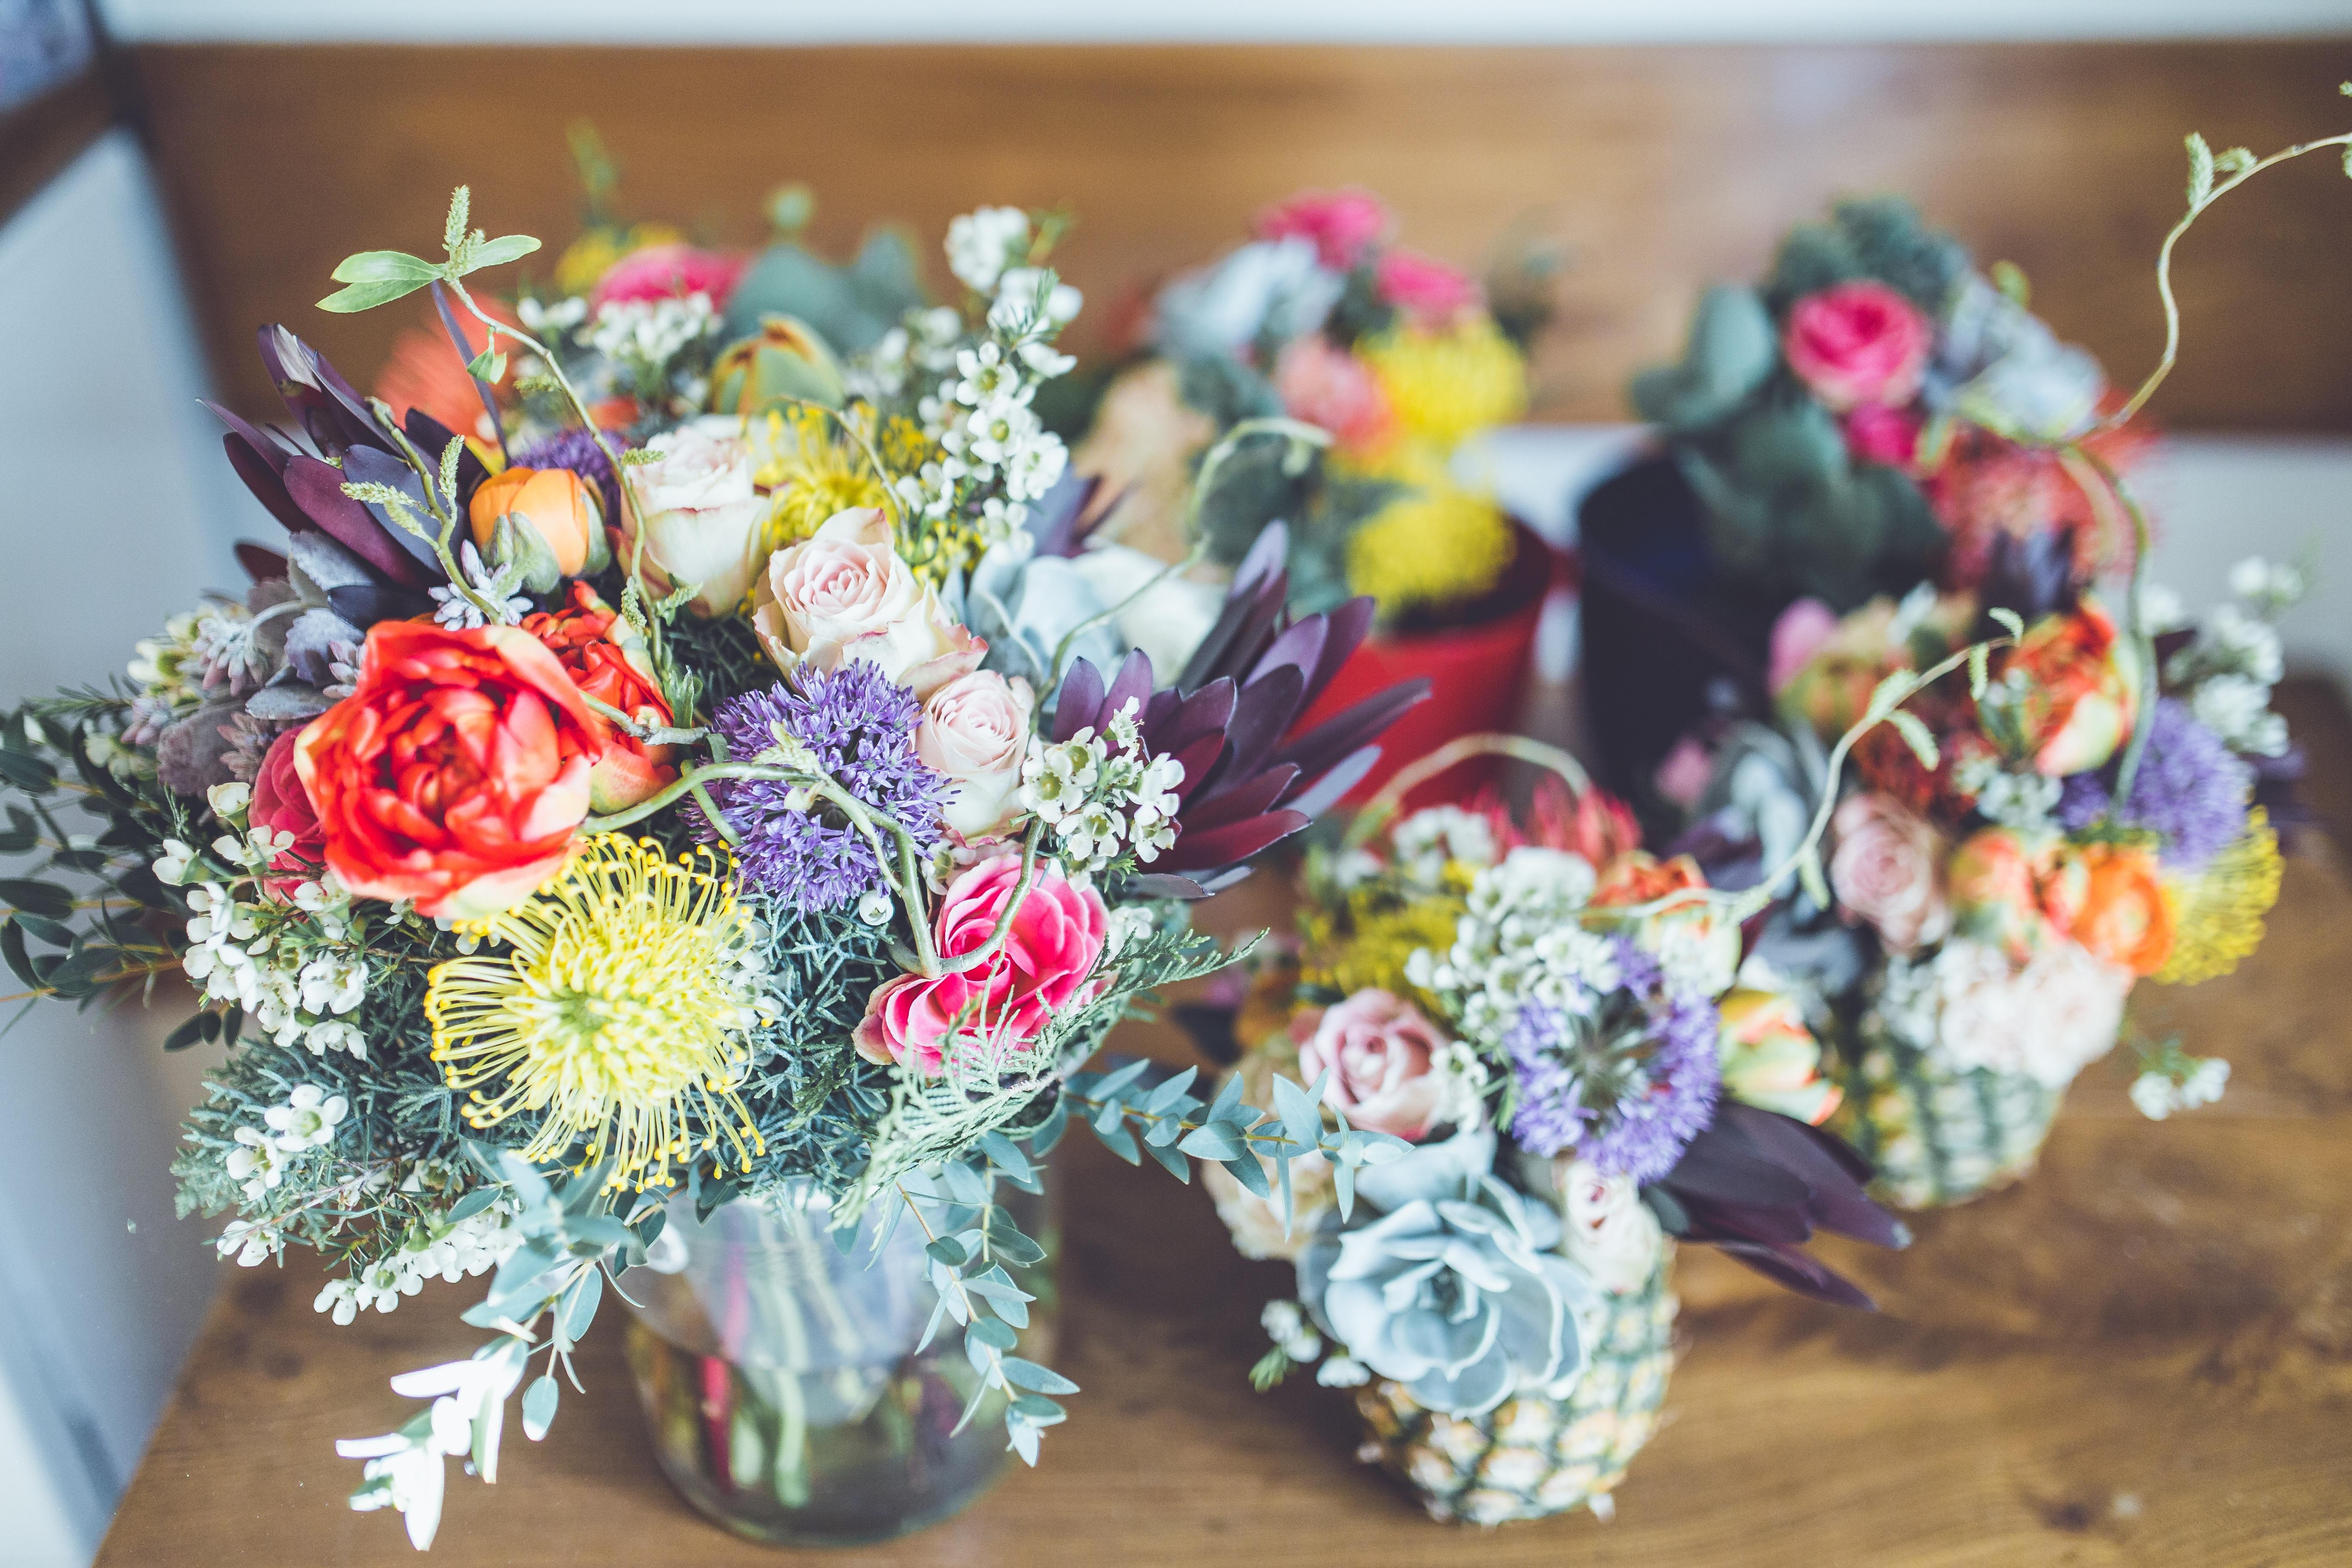 Poze Plantă Floare A Inflori Colorat Floră Plante